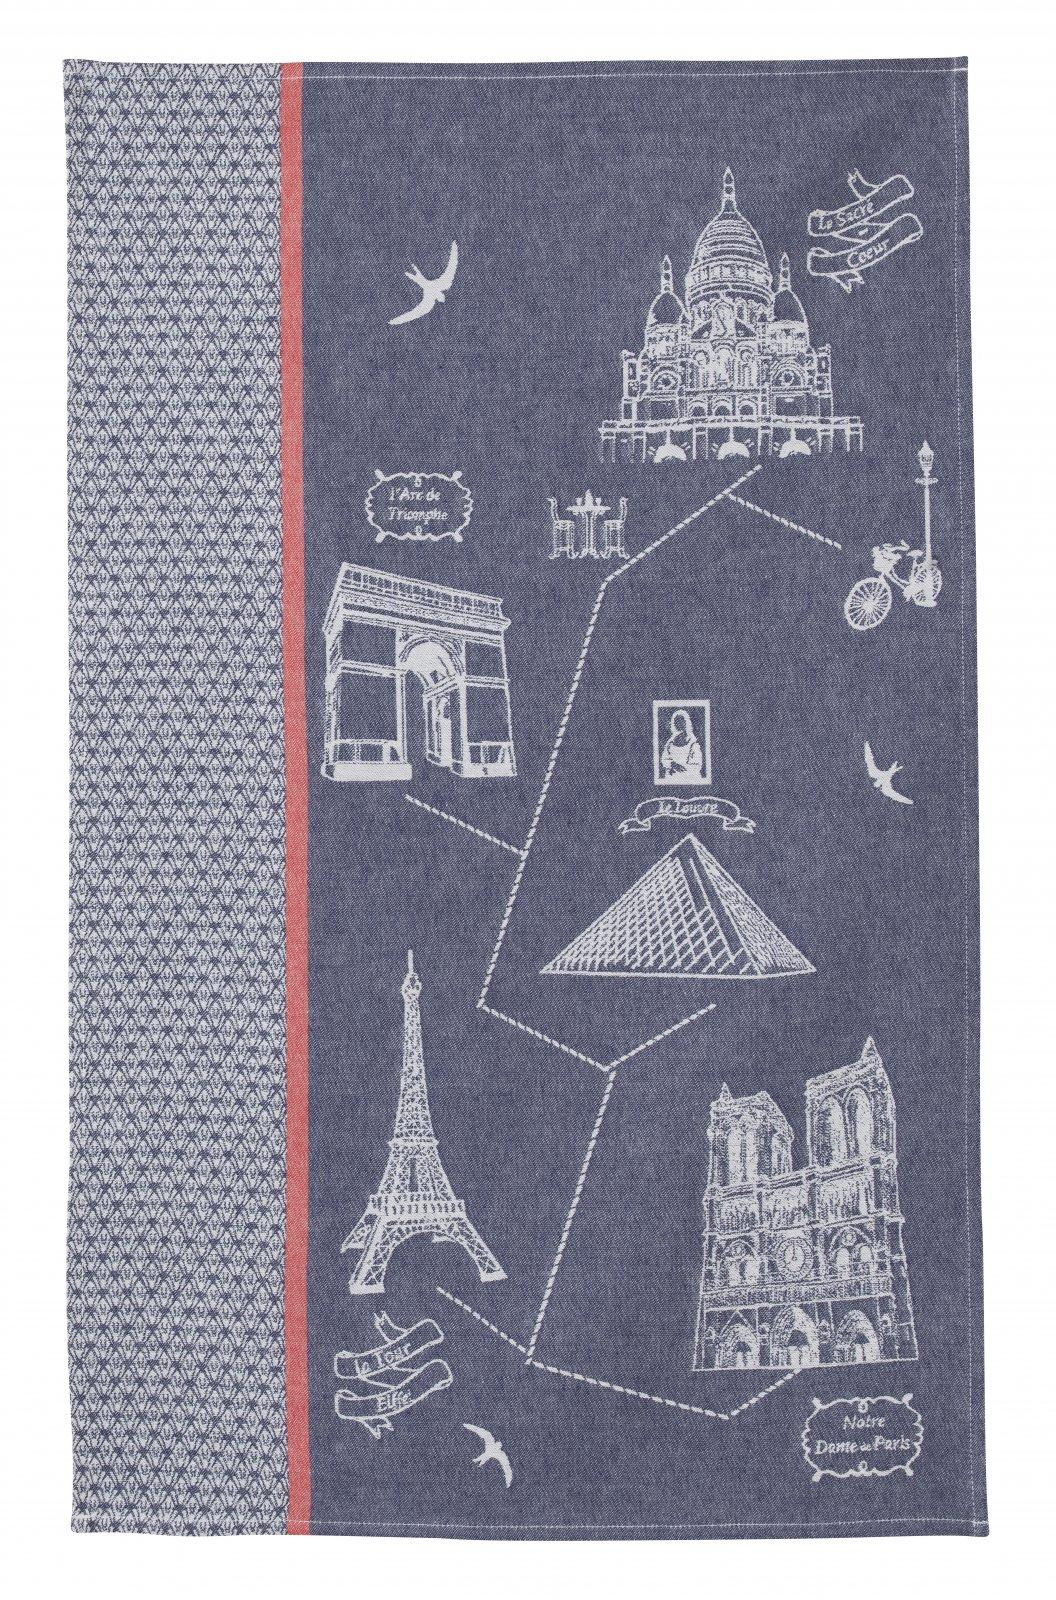 Coucke Paris Monuments tea towel #1